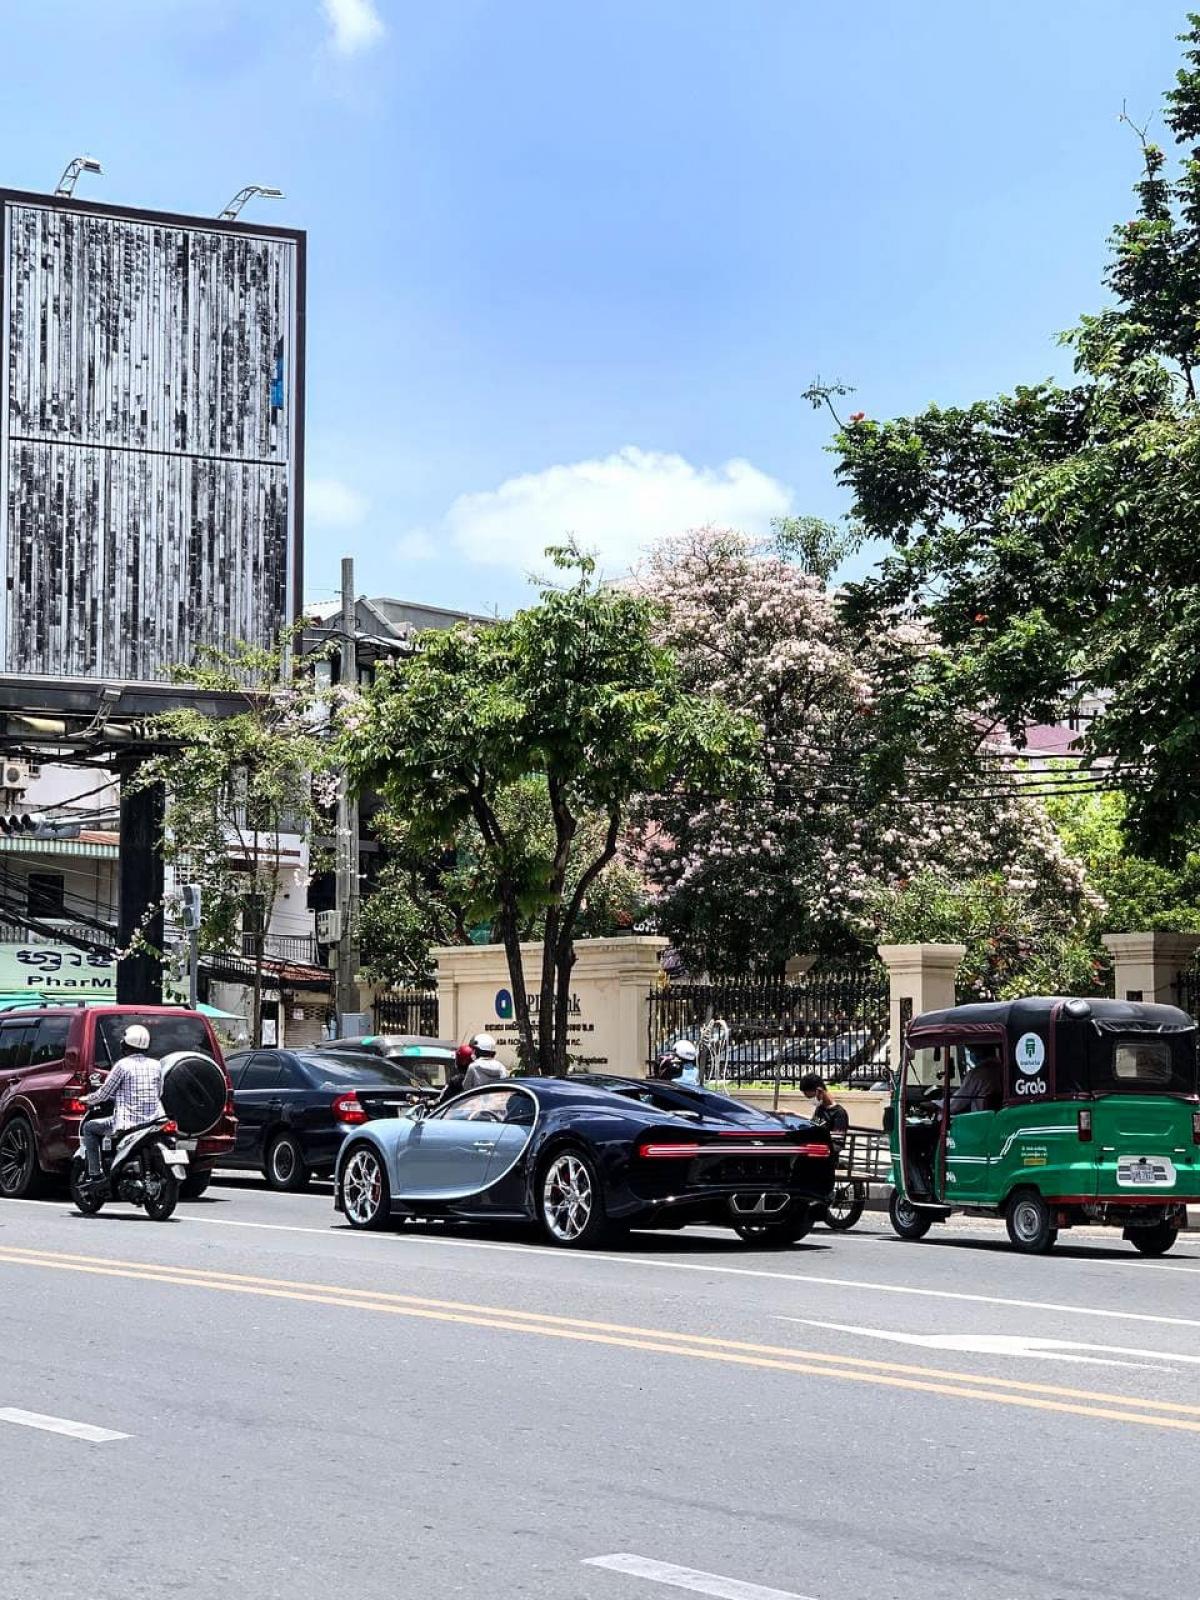 Về phần hai chiếc Bugatti Chiron của đại gia Campuchia trước đây, một chiếc sở hữu tông màu xanh - đen và một chiếc thuộc phiên bản đặc biệt 110 ANS Bugatti, sản xuất giới hạn 20 xe toàn thế giới.